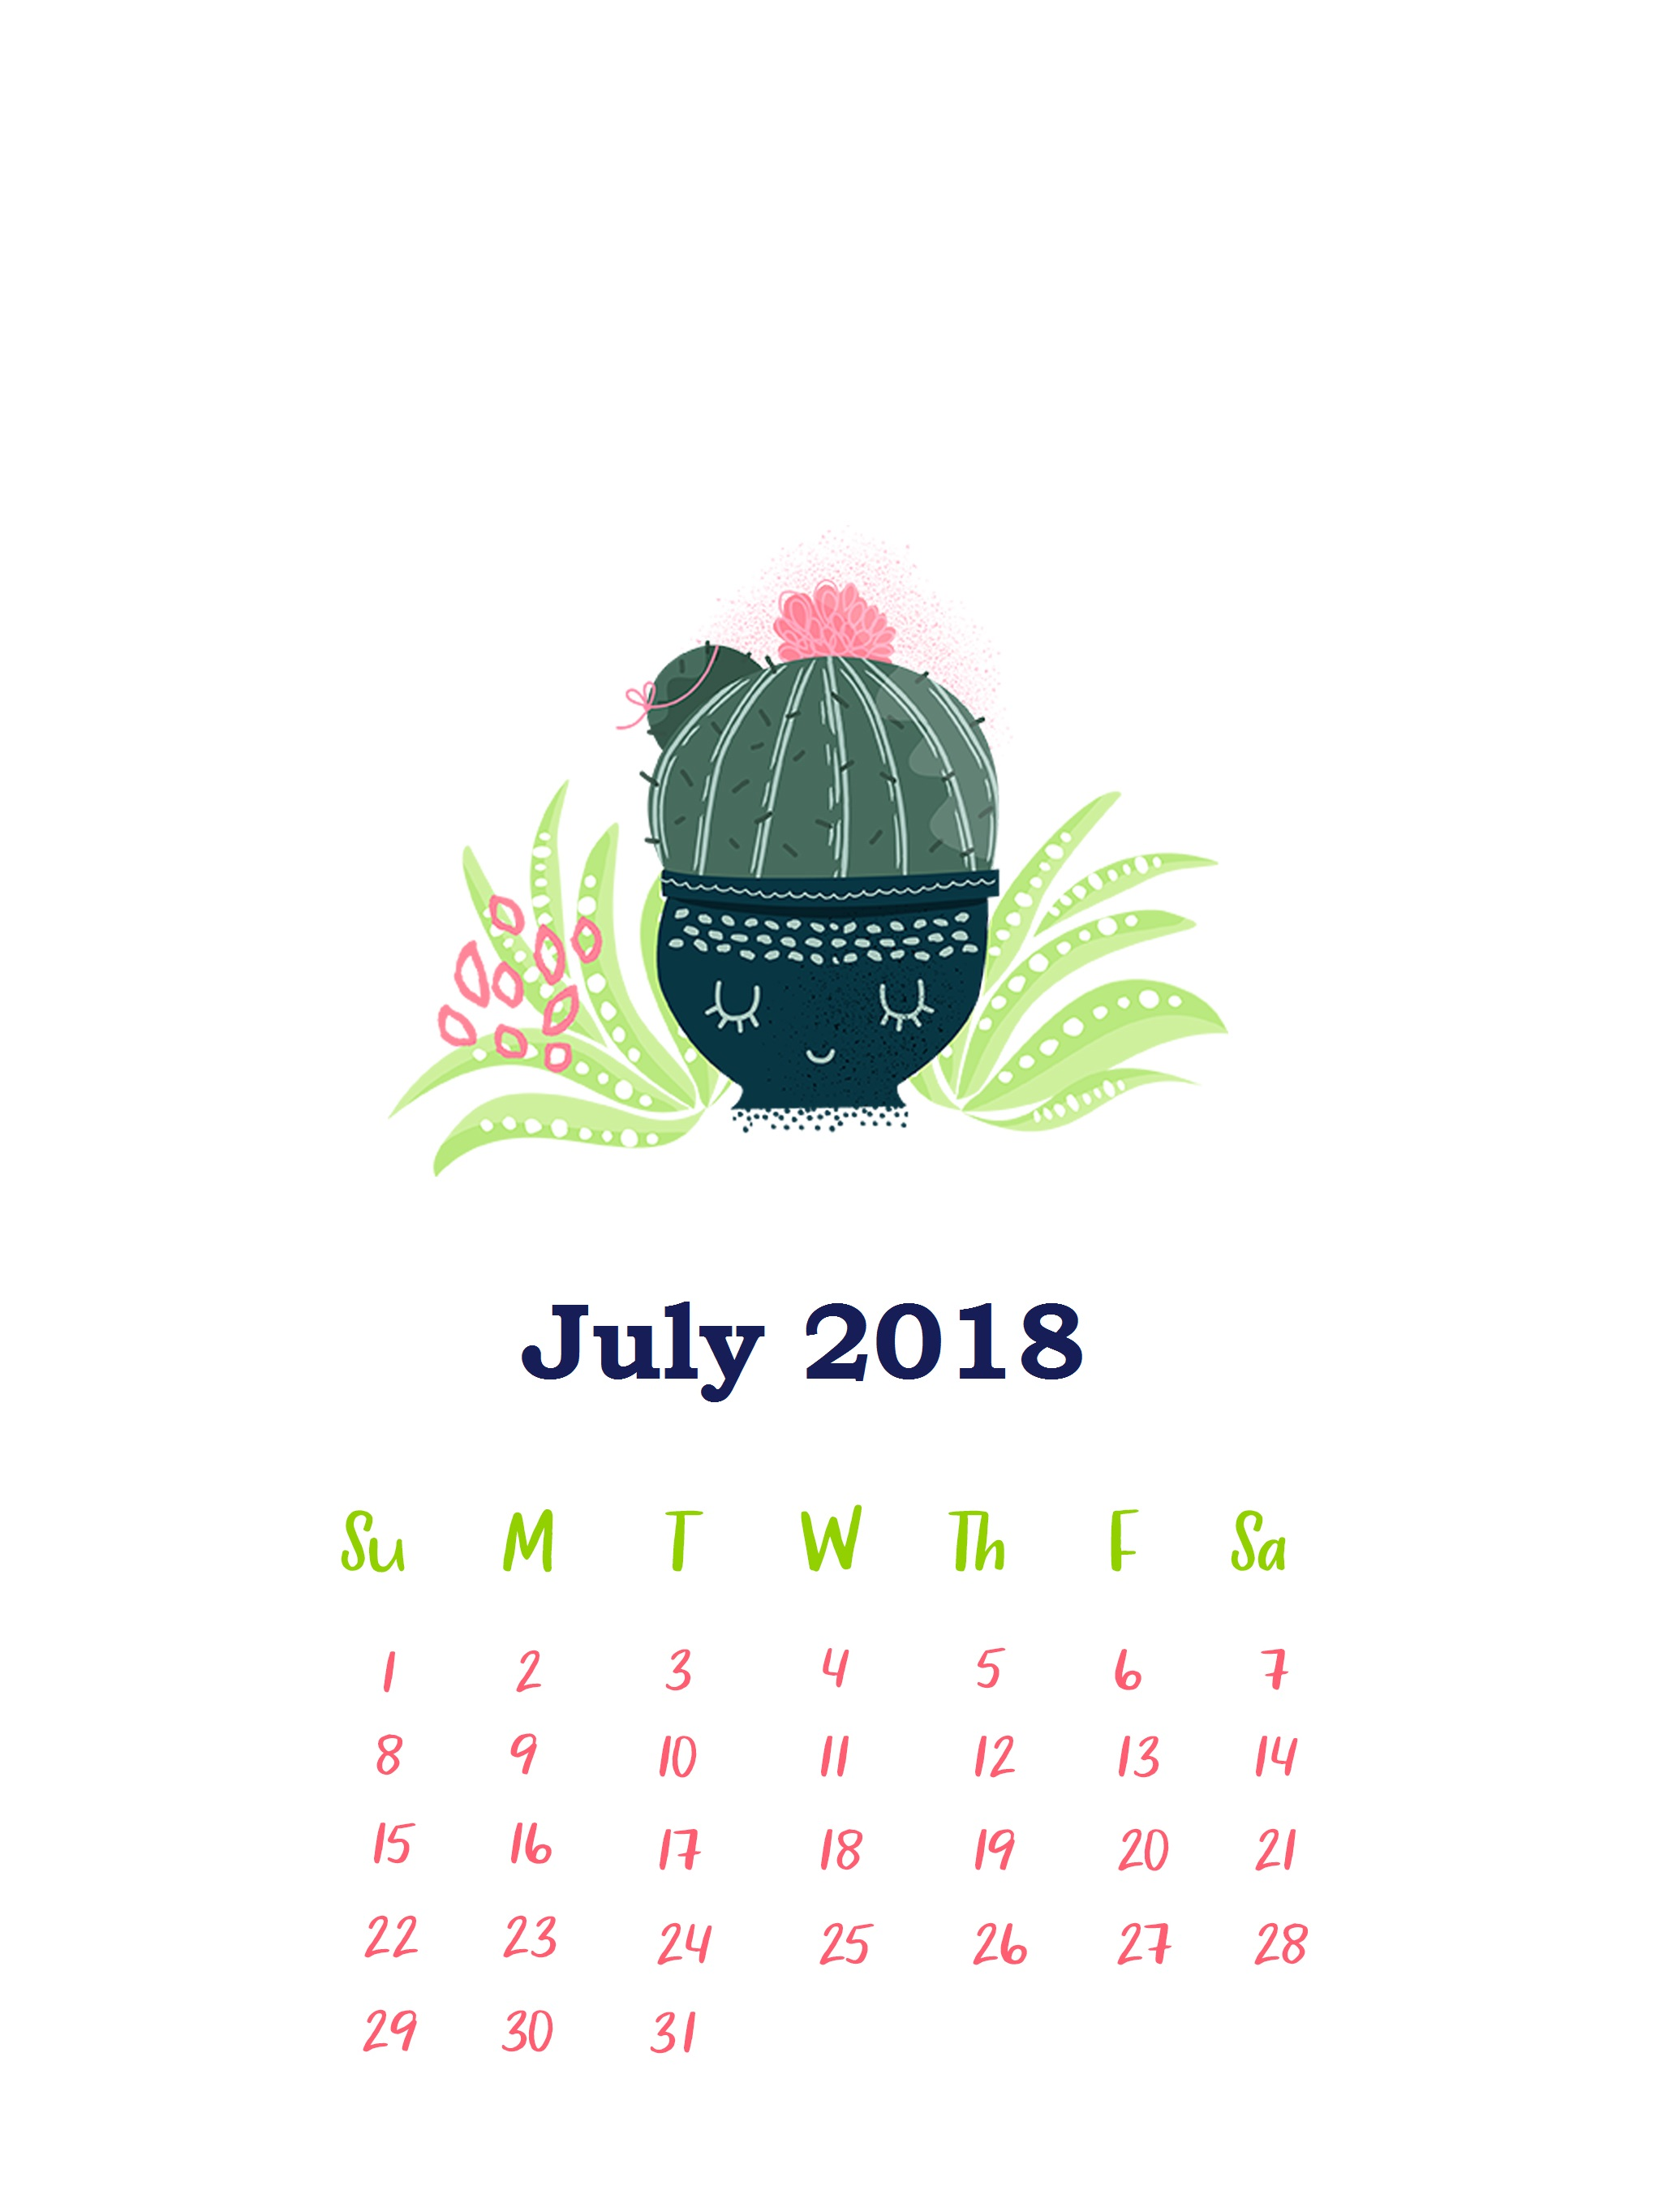 July 2018 iPhone Calendar Wallpapers Calendar 2018 2056x2726